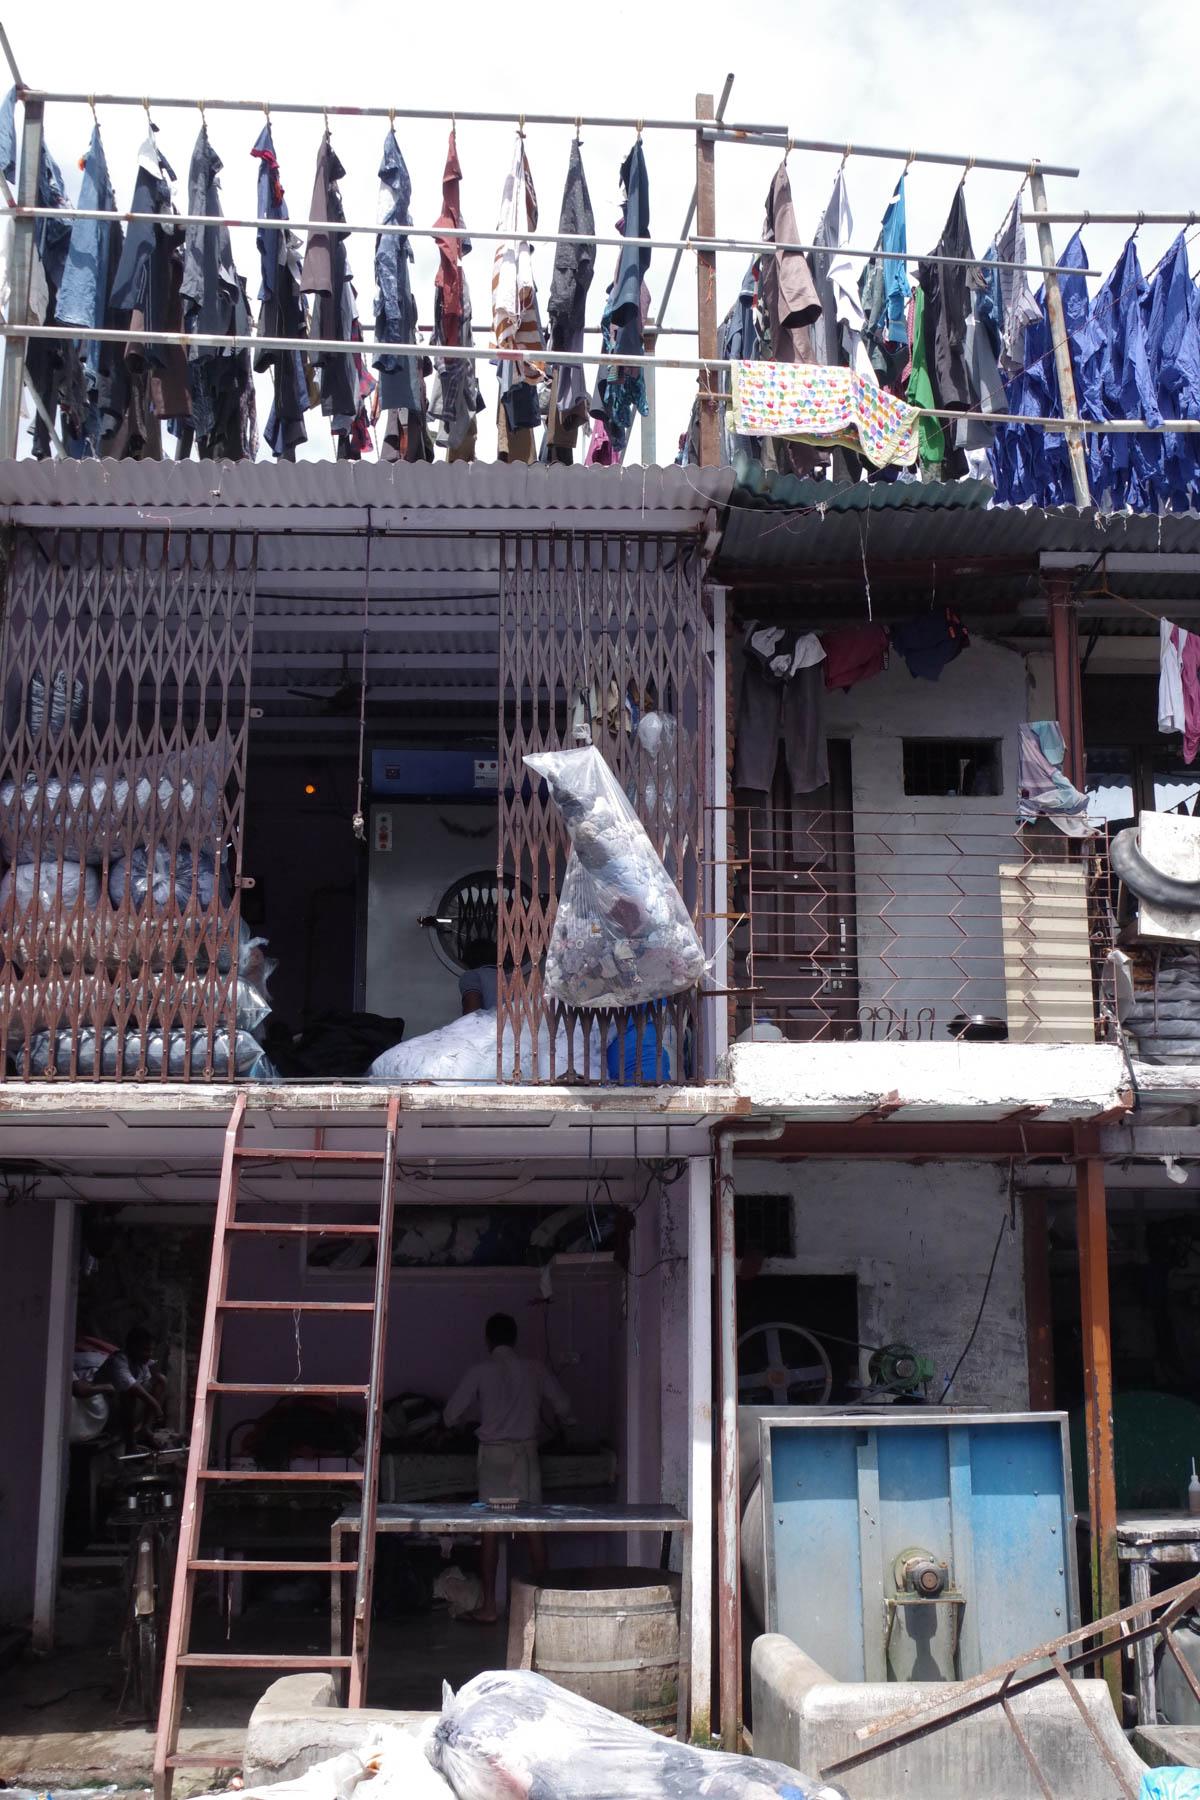 ムンバイ 巨大洗濯工場 ドービーガート 多層階